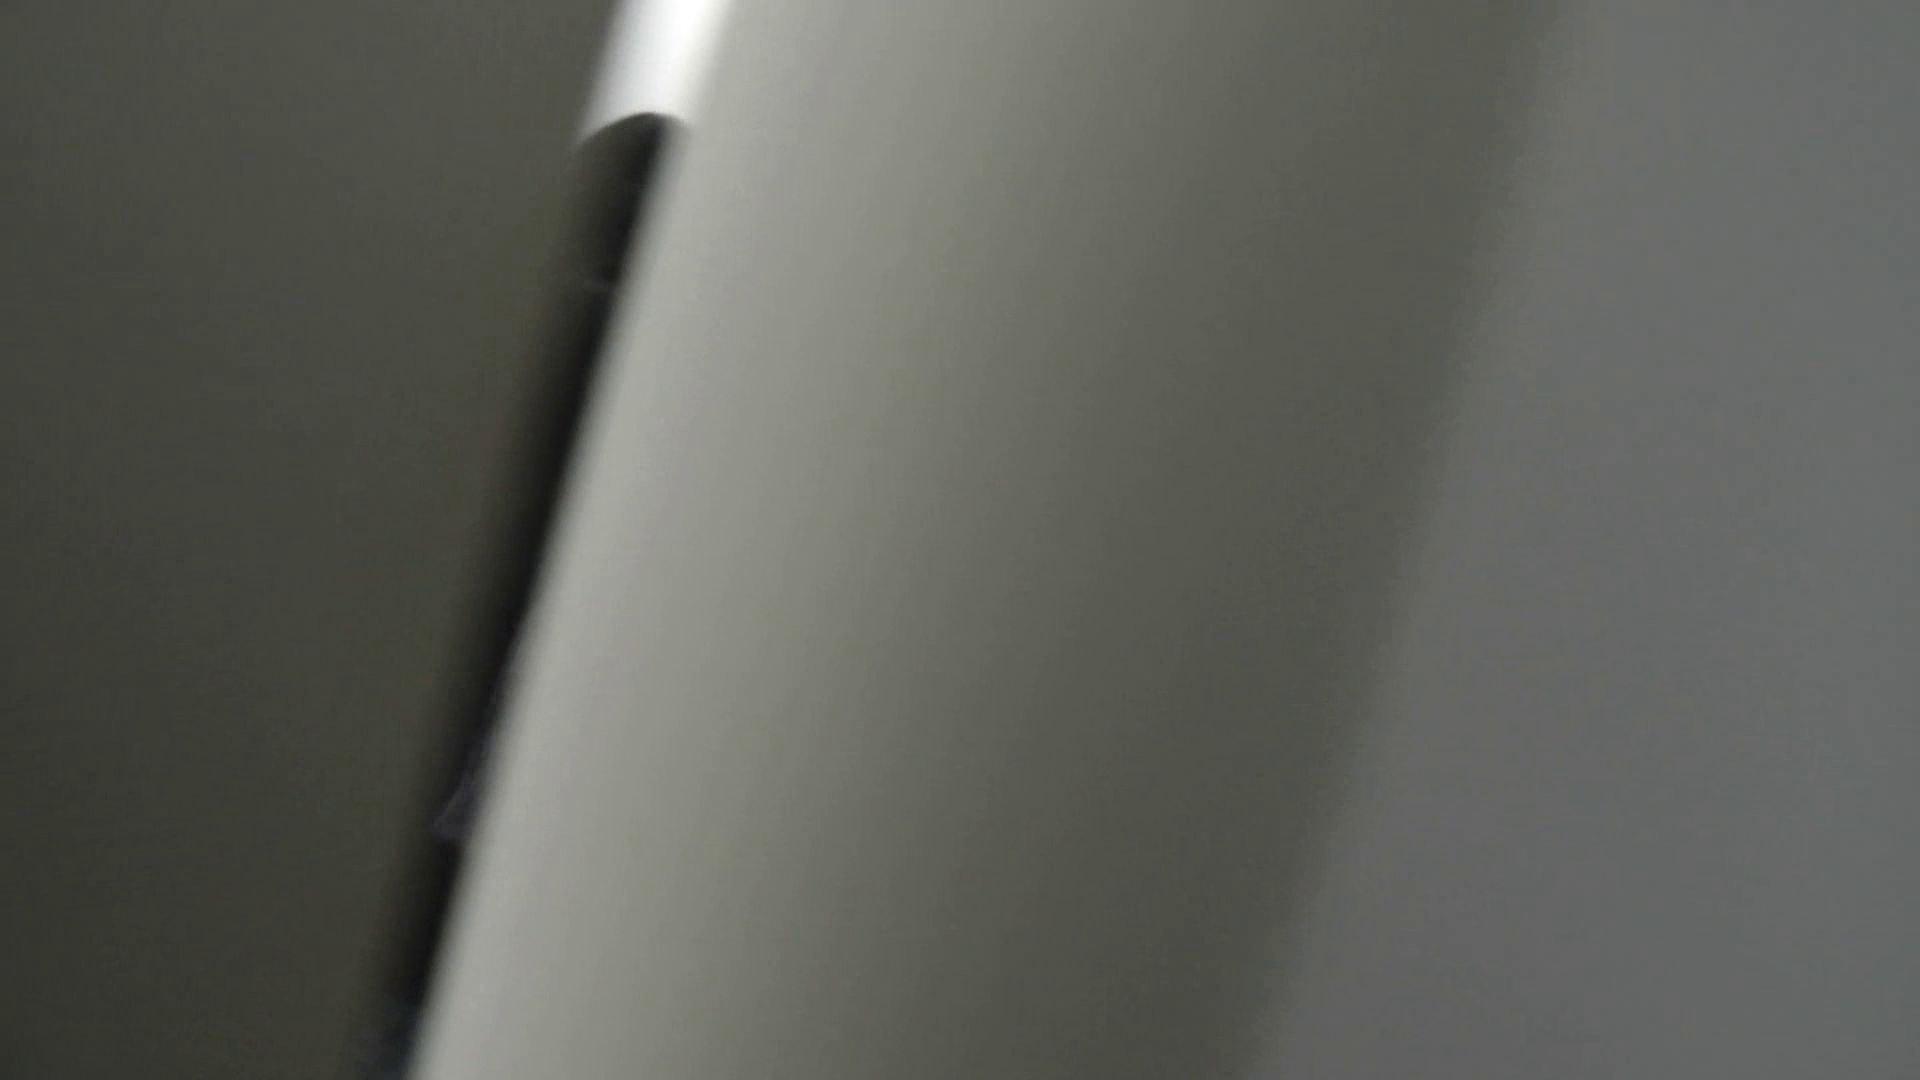 【日本成人用品展览会。超模如云】vol.01 着替|空爆 潜入突撃 | 着替え  103pic 4